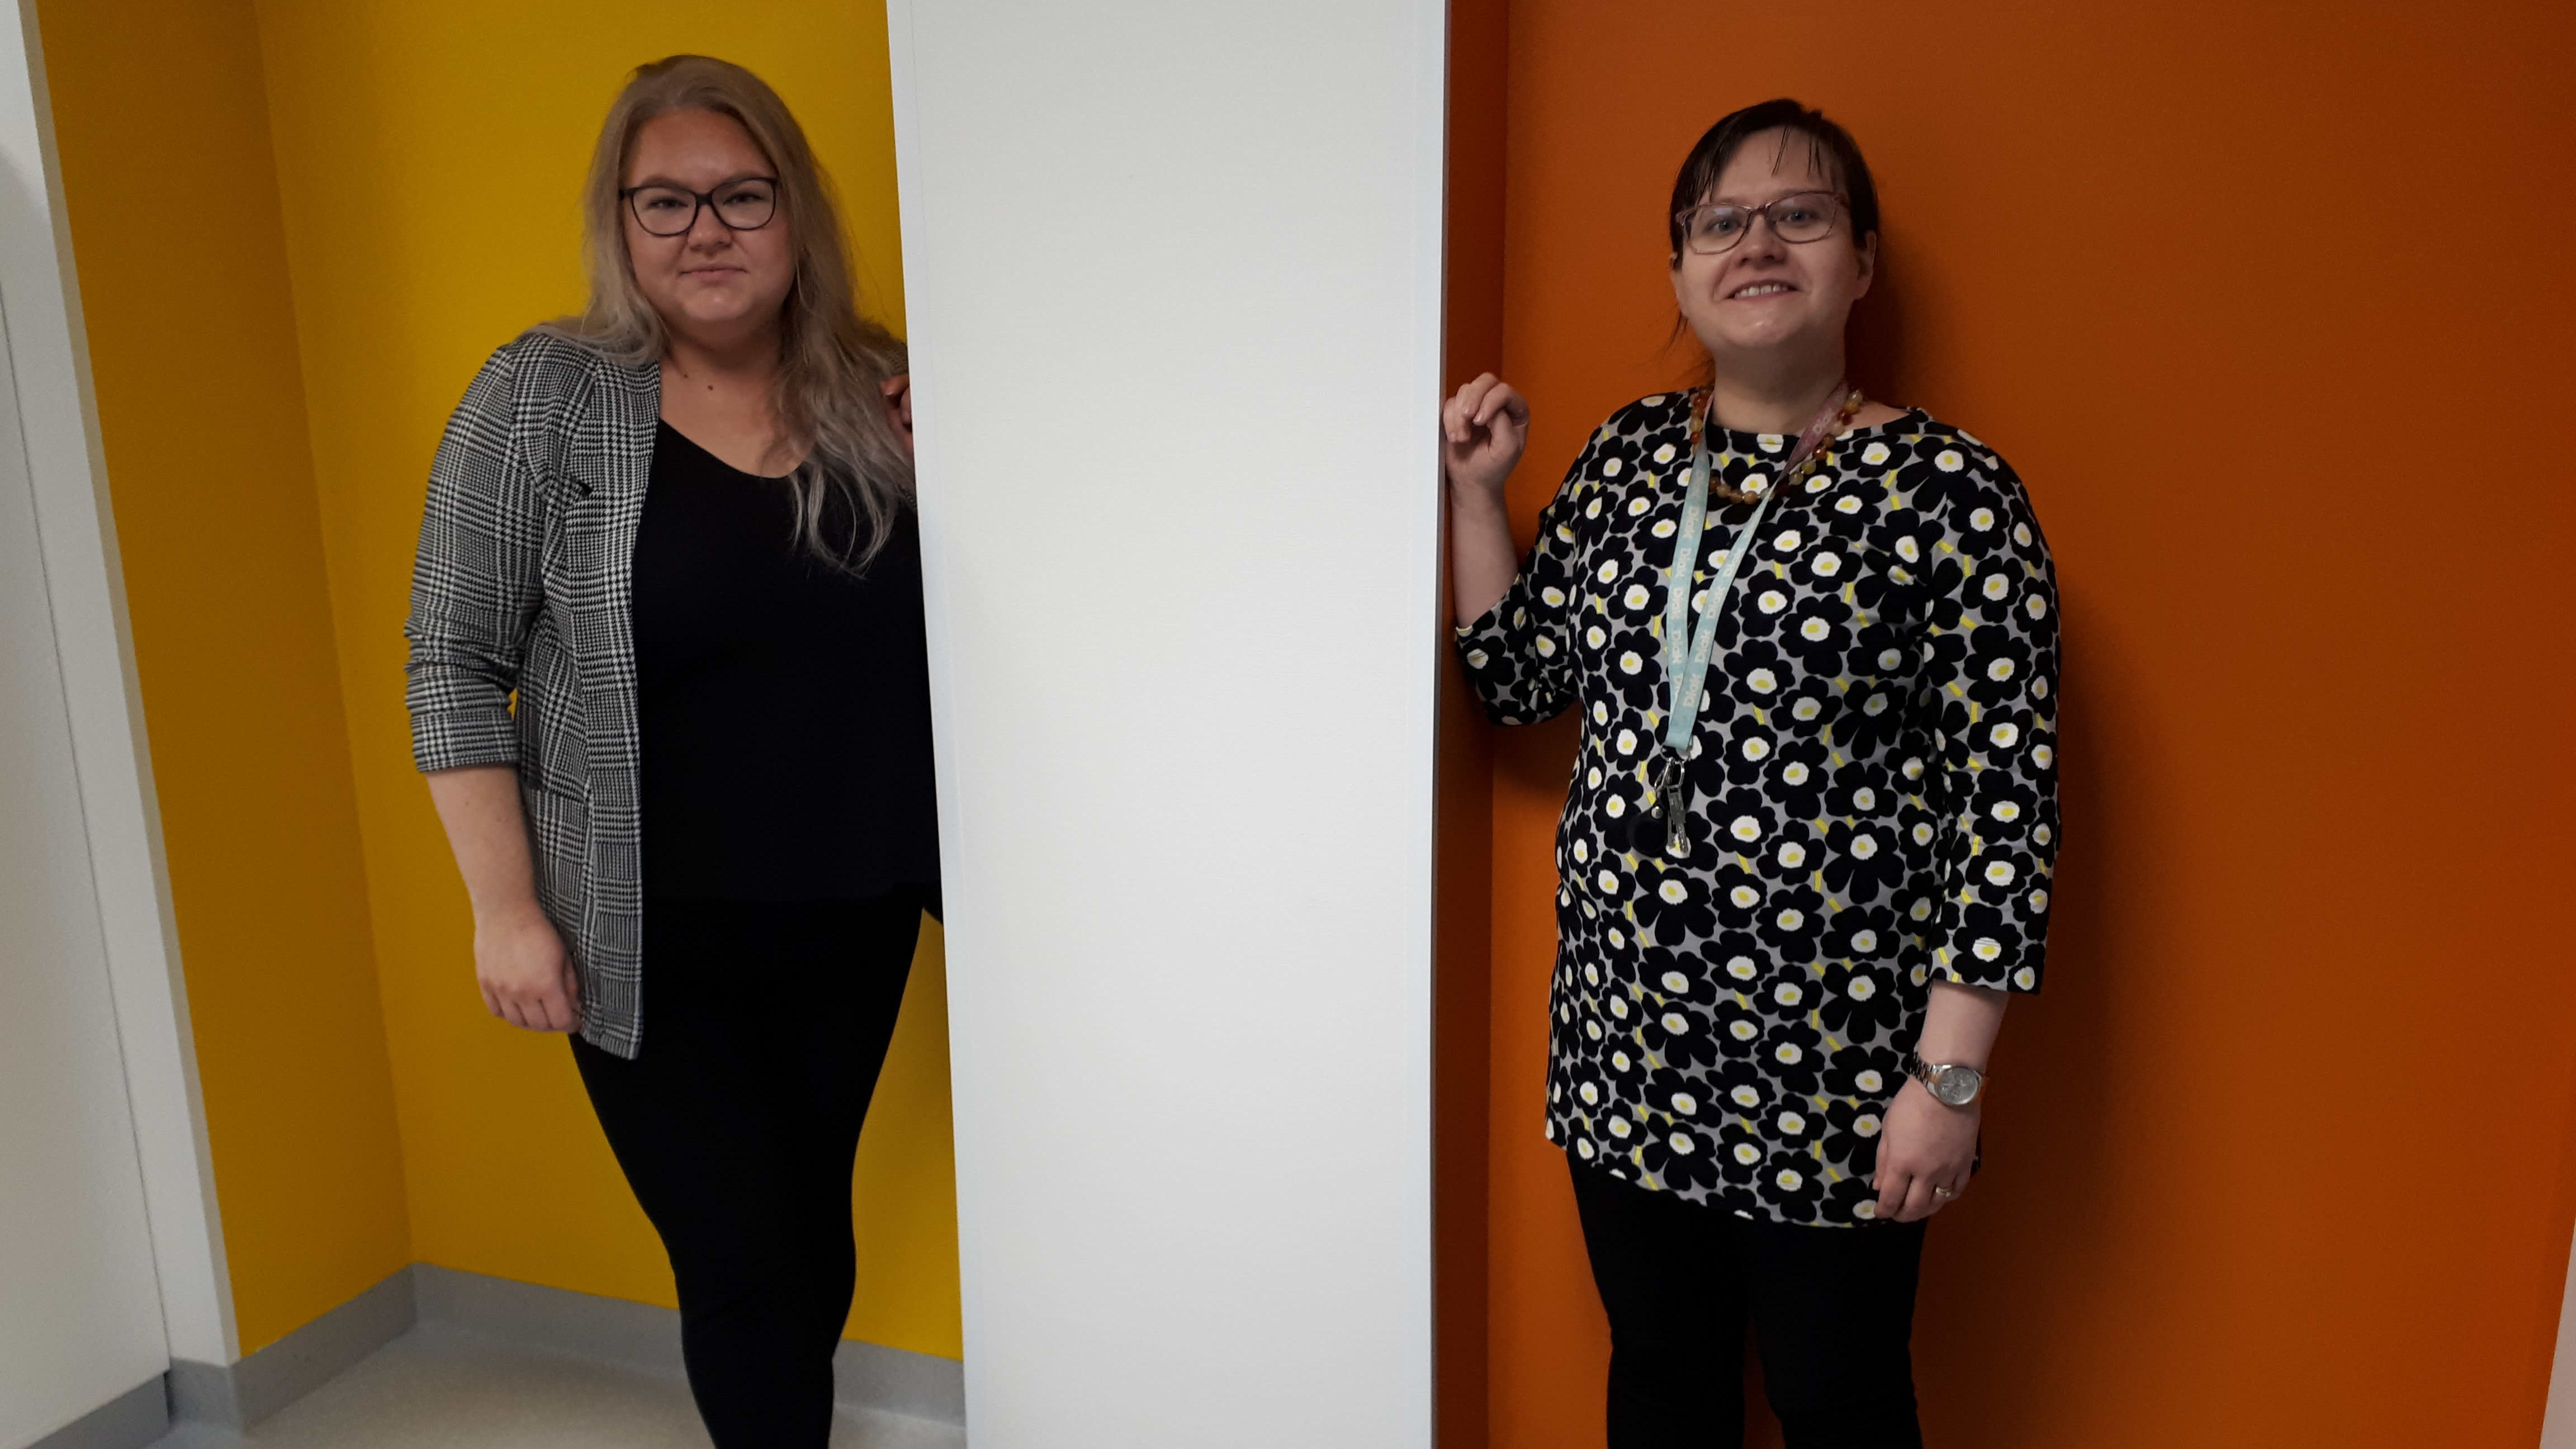 Vasemmalla kuvassa OAMKin opiskelija Sonja Valtonen sekä OHJY-hankkeen projektipääliikkö Leea Naamanka.